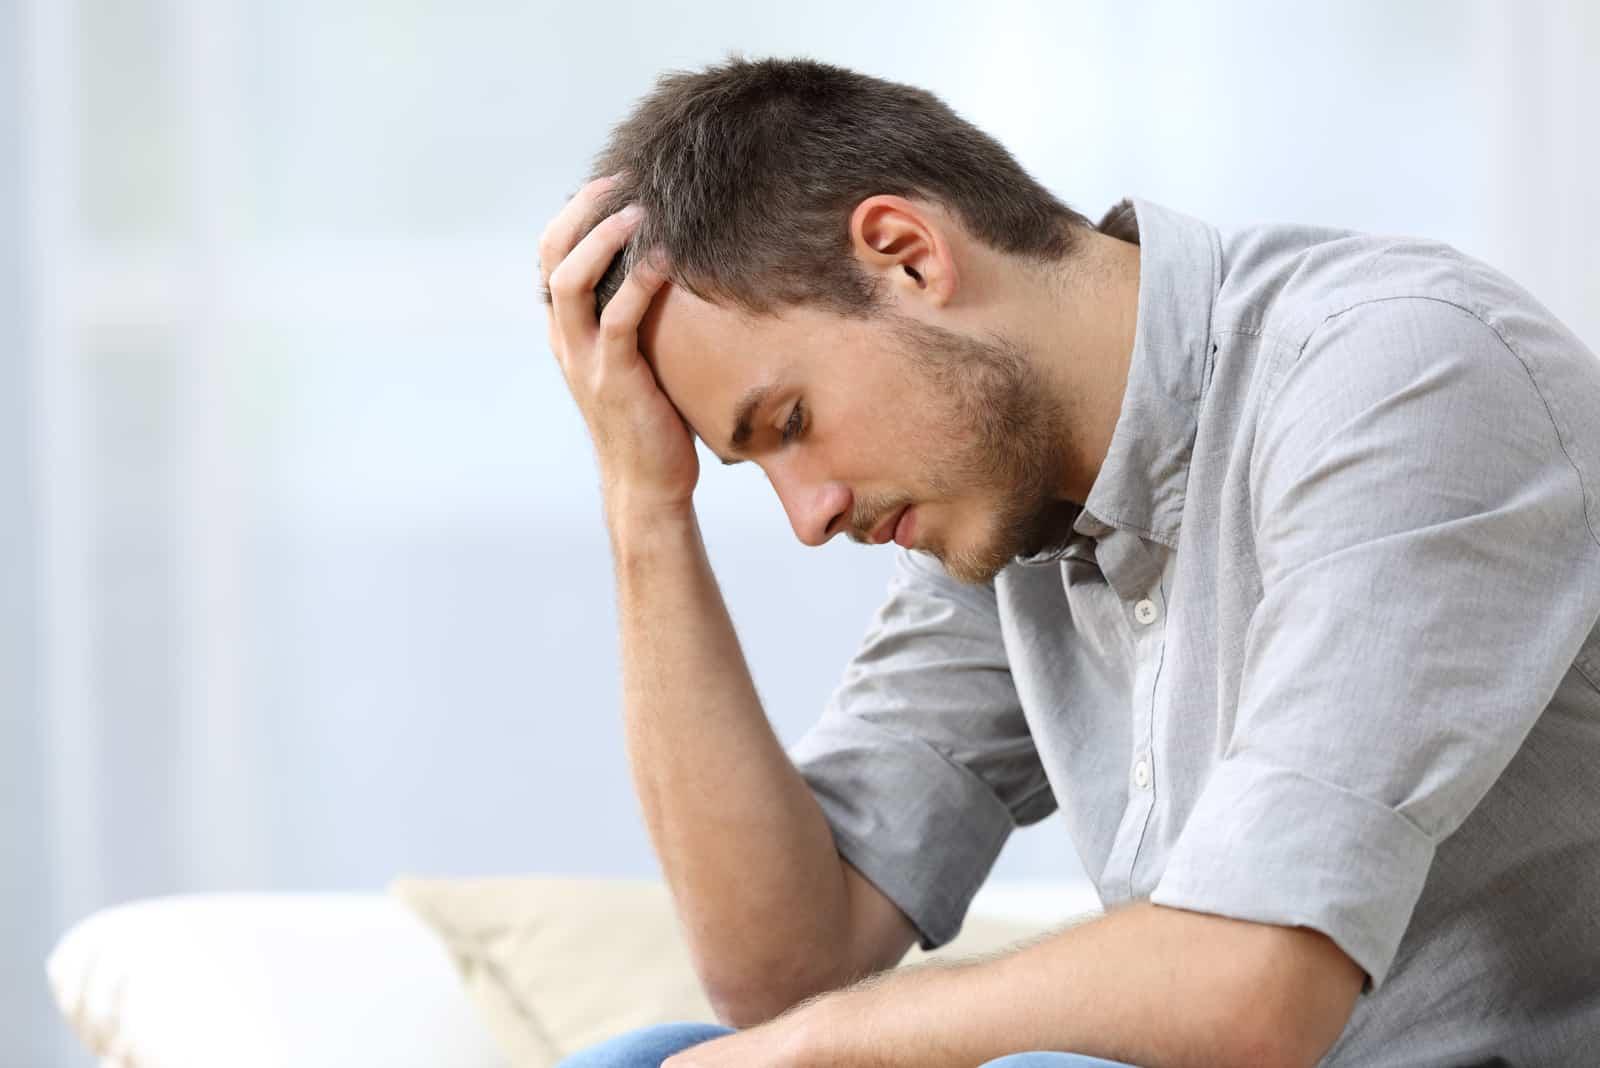 trauriger Mann mit einer Hand auf dem Kopf, der auf einer Couch sitzt